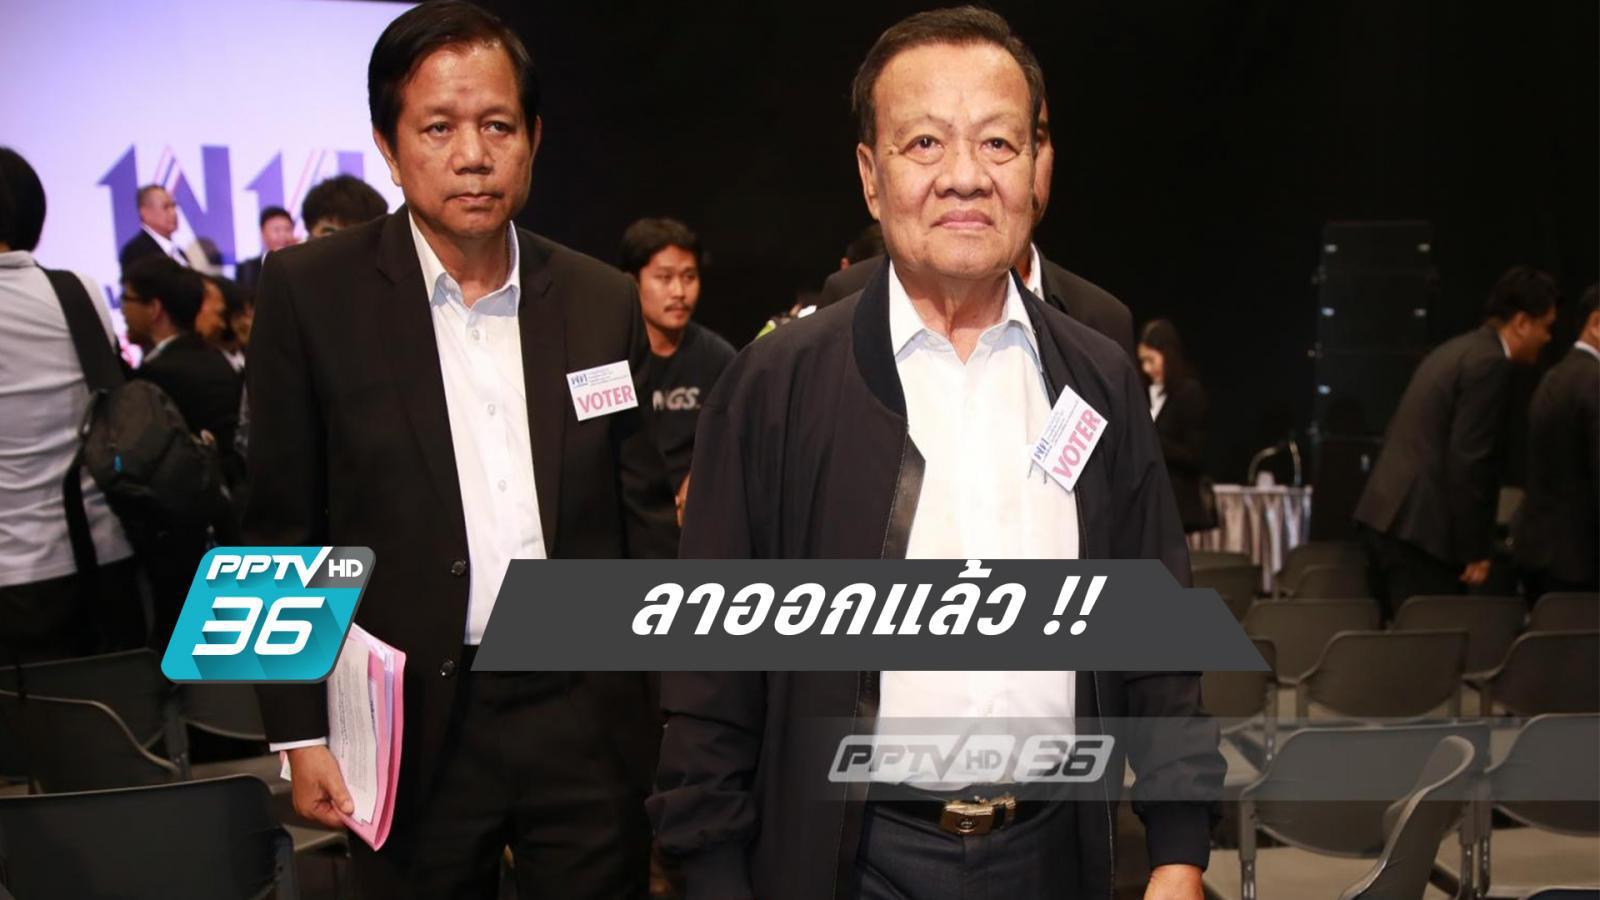 """""""วิโรจน์ เปาอินทร์"""" ลาออกหัวหน้าเพื่อไทยแล้ว เลือกใหม่ 12 ก.ค."""